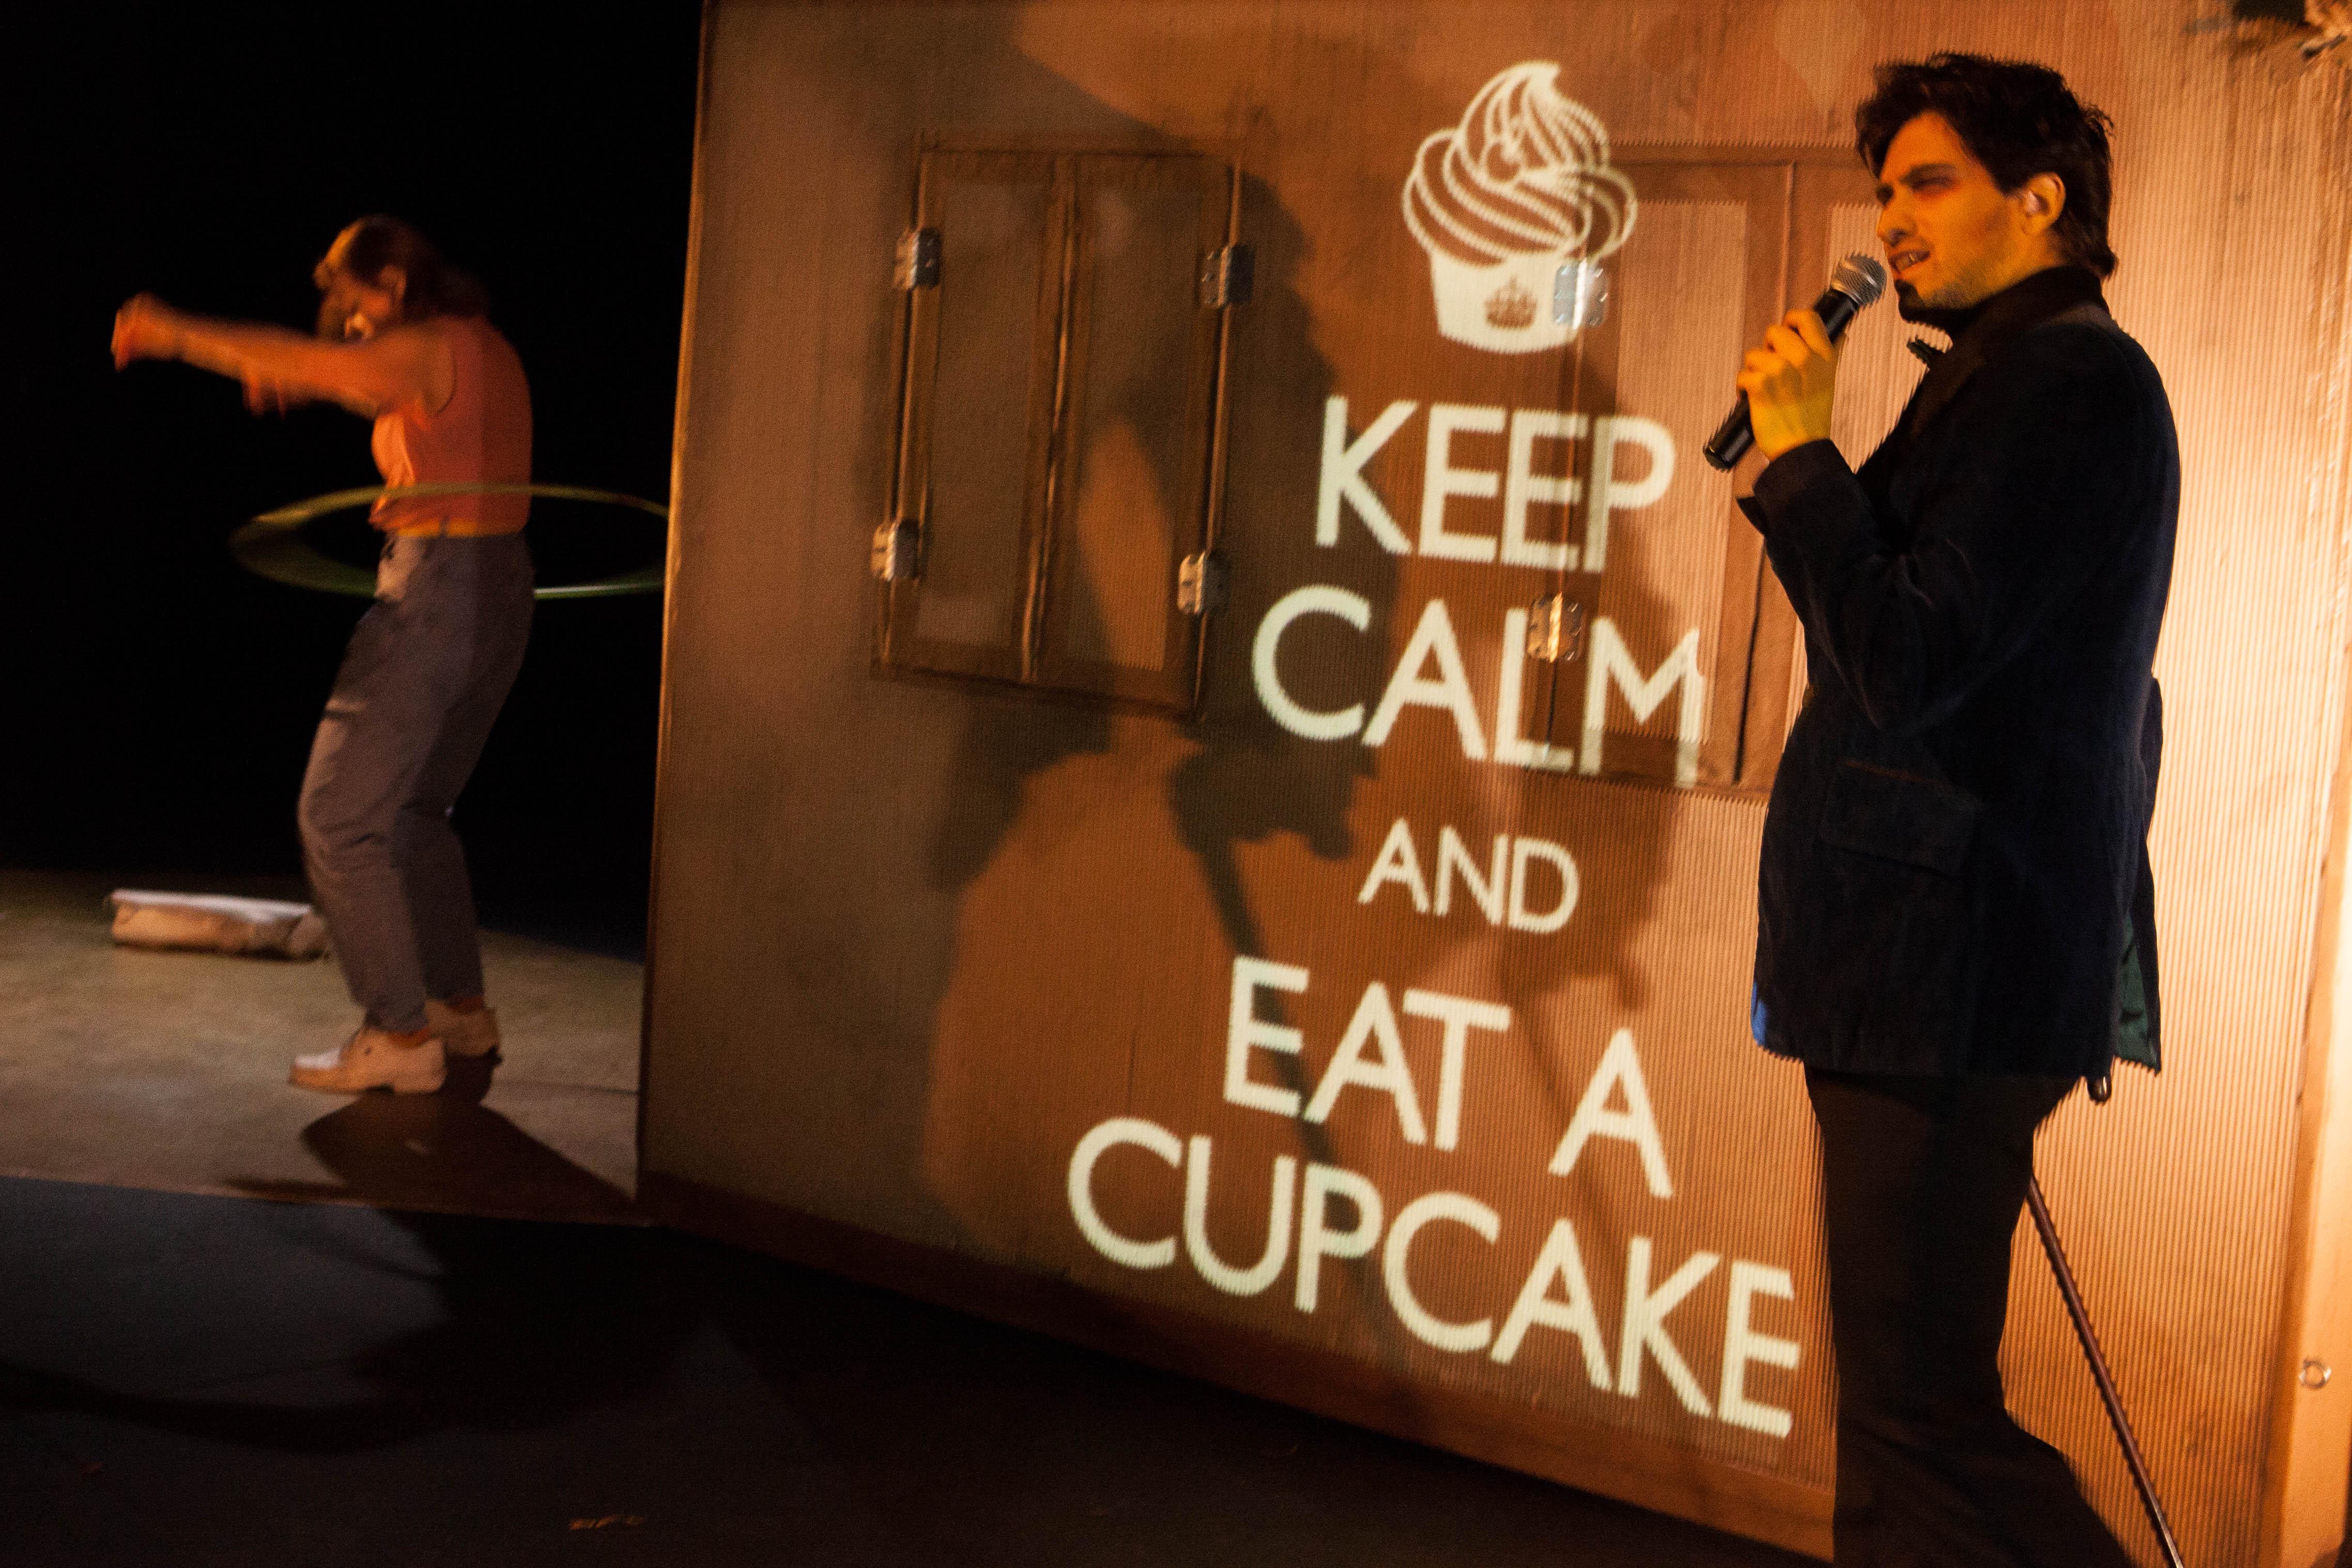 Jacqueline fait tourner un cerceau autour de sa taille; Anthony chante au micro et le texte «Keep Calm and Eat a Cupcake» est projeté sur la maison de carton.